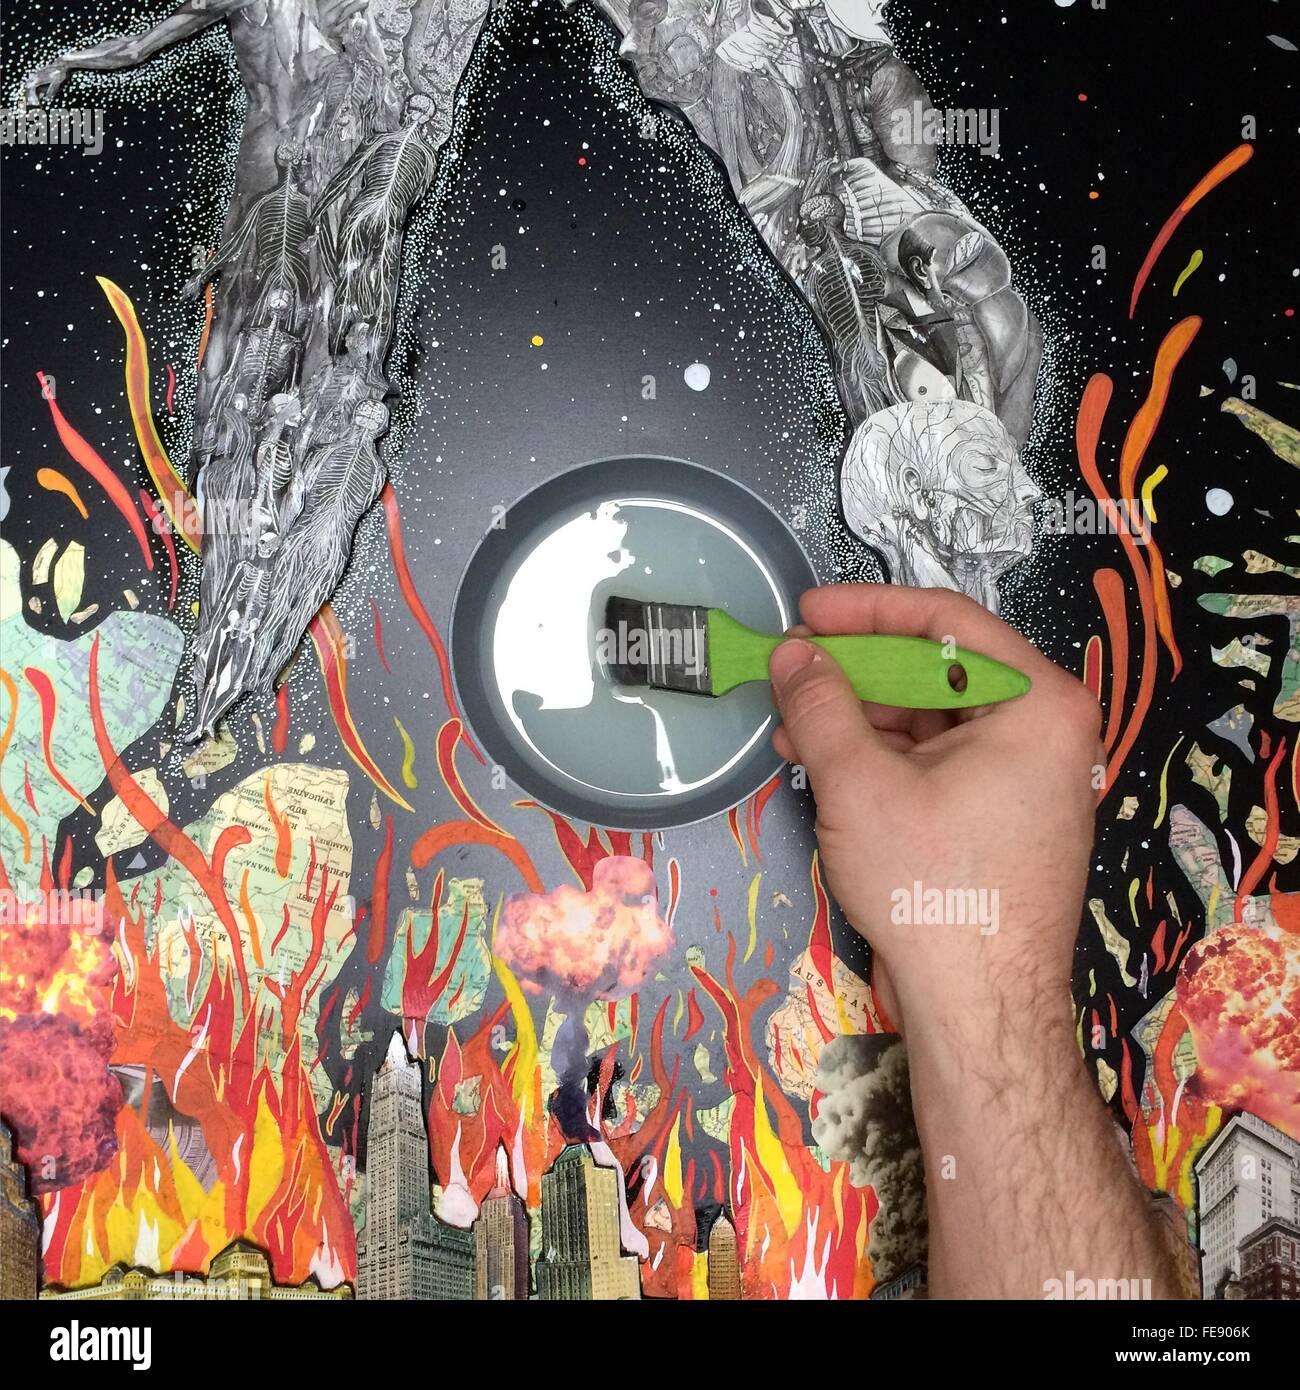 Mann hält Malerei Pinsel mit grauer Farbe auf die Malerei Stockbild